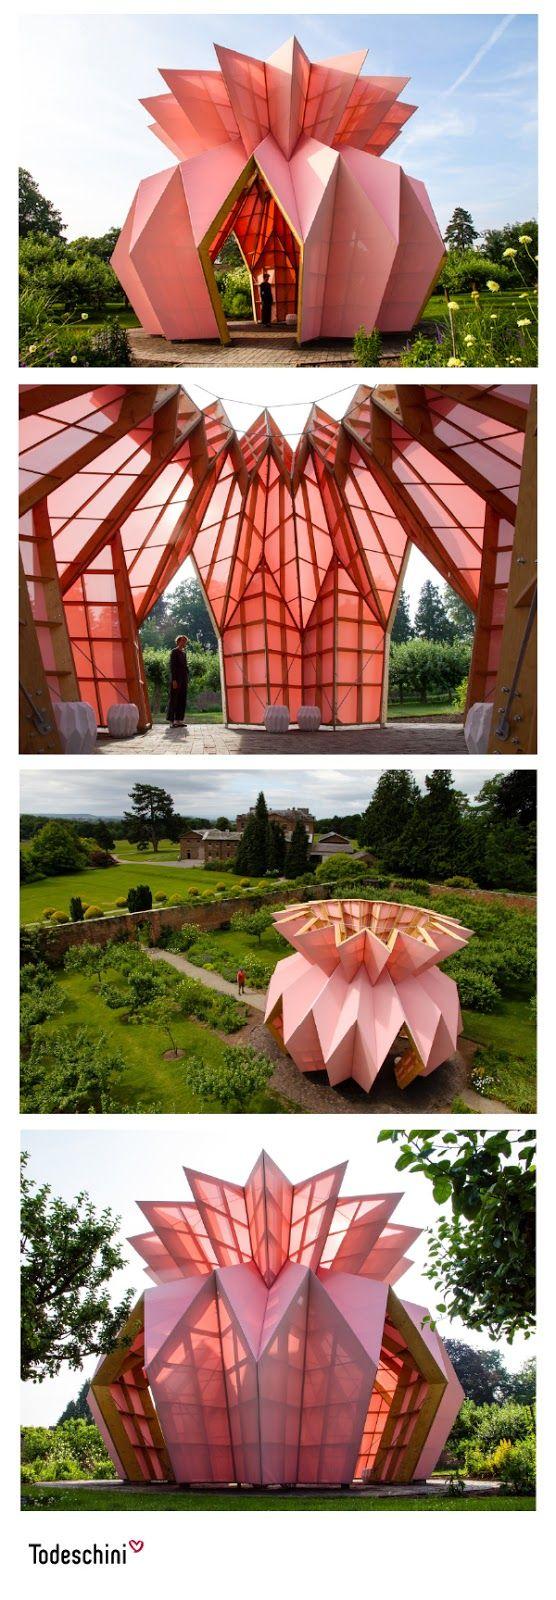 Este pabellón rosado en forma de piña se basa en un diseño en origami de los artistas de @studio_morison. Fue construido en el centro del jardín amurallado del siglo XVIII de la finca Berrington Hall en Herefordshire, Inglaterra. Look! Look! Look! es una obra contemporánea digna de admirar. #Diseñodeinteriores #Decoración #Todeschini #ambientes #mueblesamedida #arquitectura